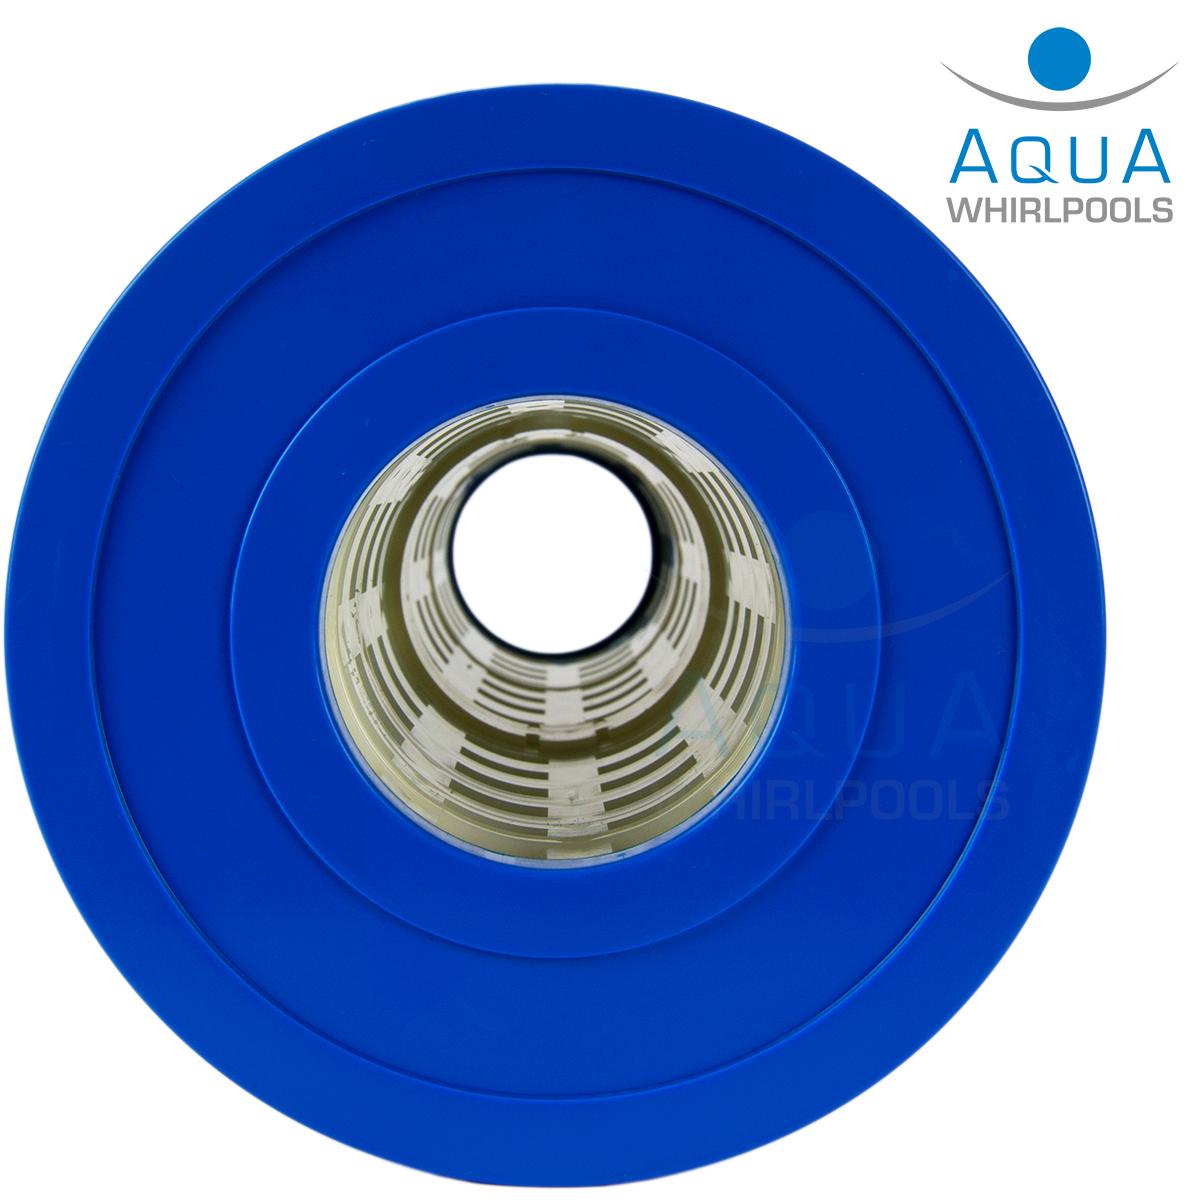 Full Size of Whirlpool Bauhaus Aufblasbar Intex Aussen Miami Badewanne Filter Pleatco Prb25 In Fenster Garten Wohnzimmer Whirlpool Bauhaus